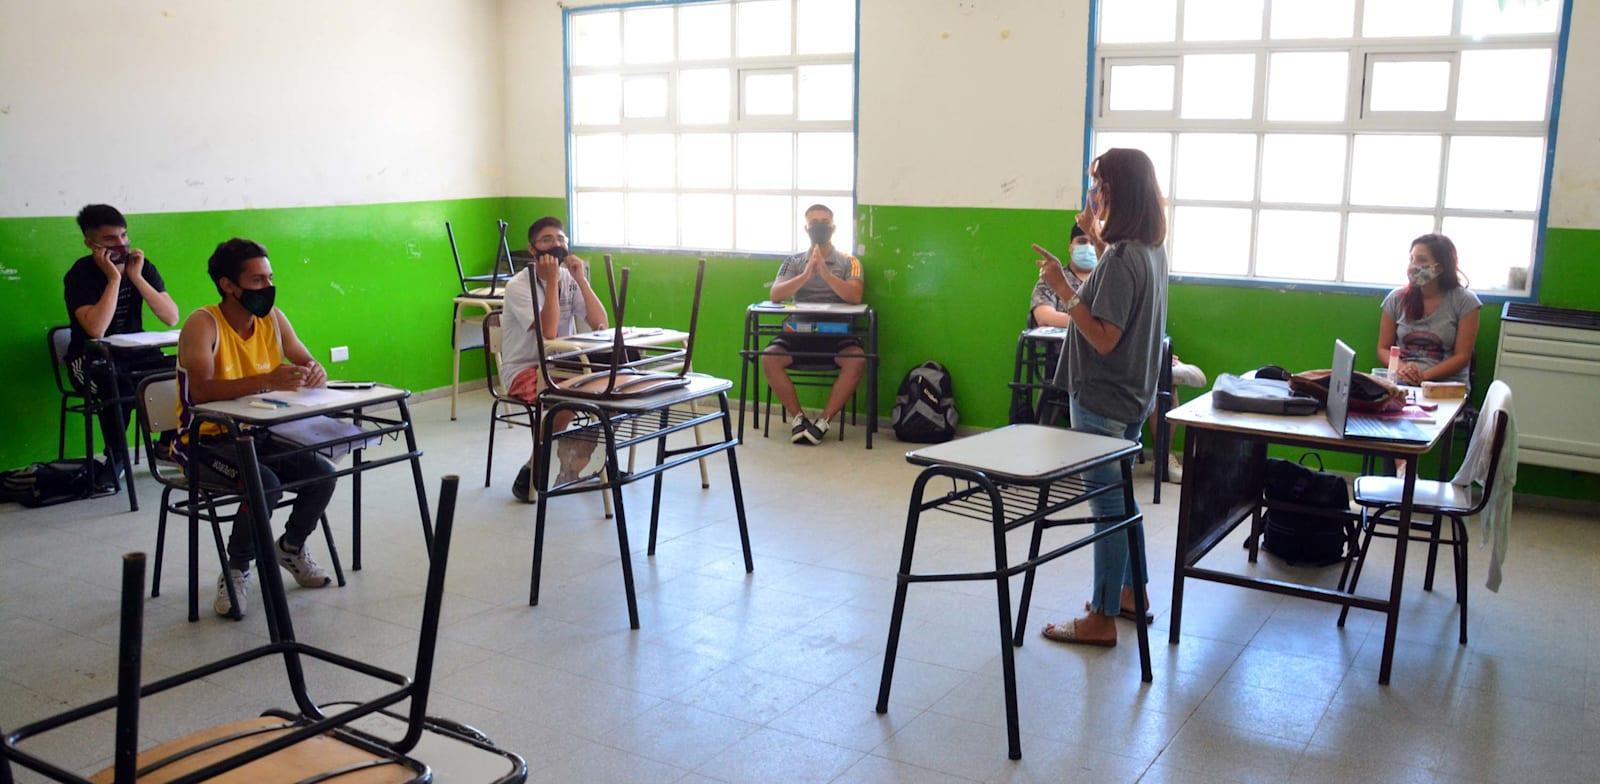 לימודים בבית ספר במתווה קורונה / צילום: Reuters, Marcelo Ochoa